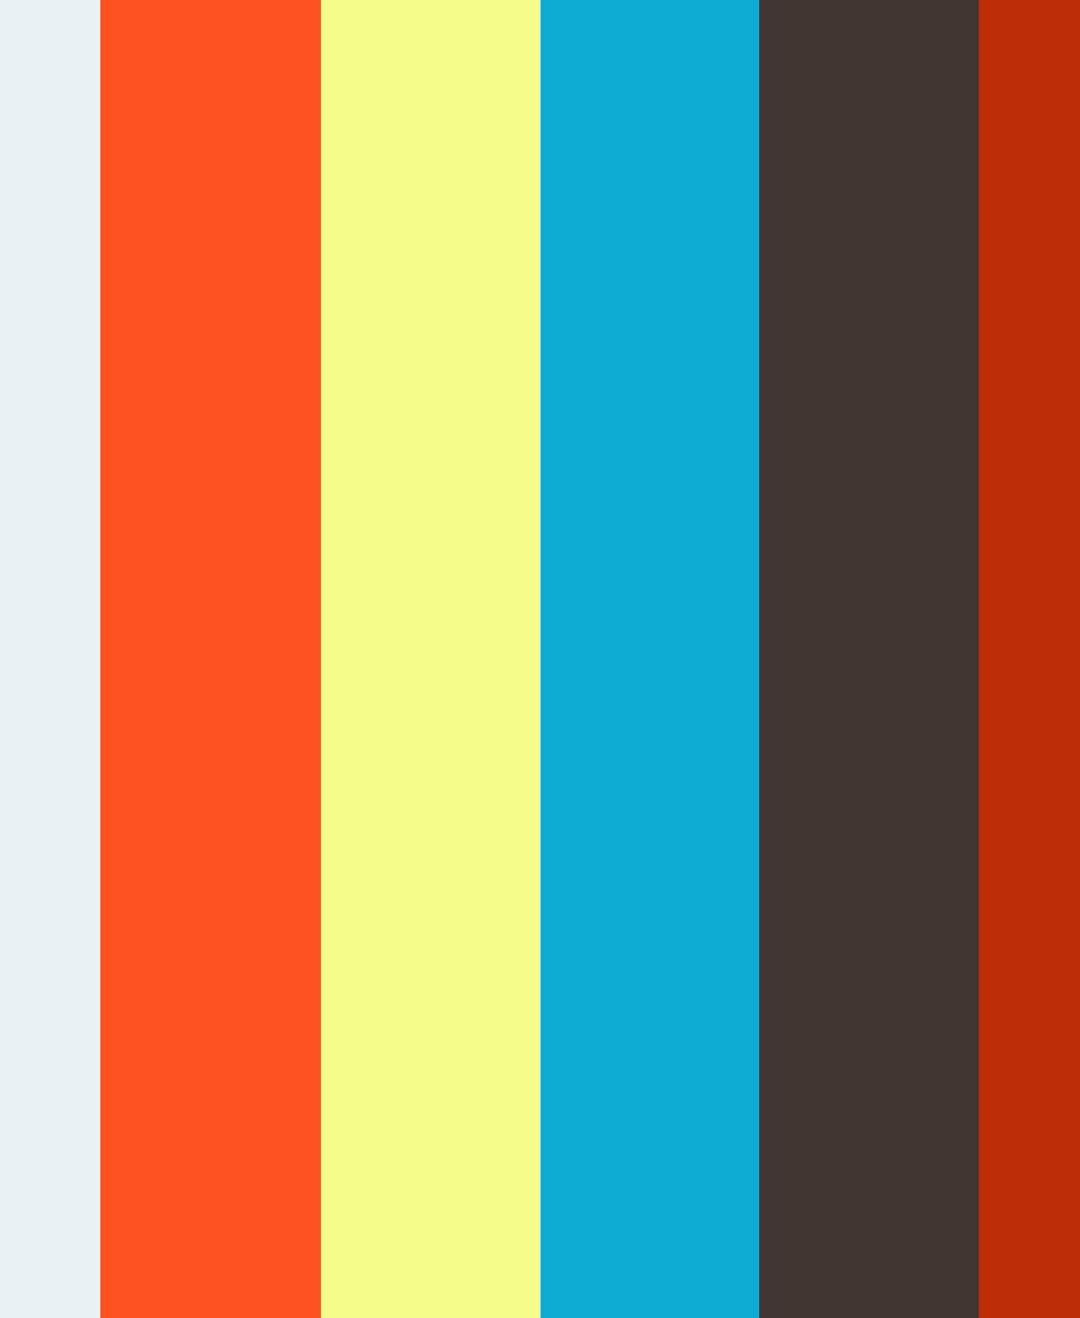 Corwar Kissen-Aufbewahrungstasche Garten-Kissen-Auflage im Freien wasserdichte leichte Tragetasche Effectual Patio-M/öbel-Kissen-Aufbewahrungstasche